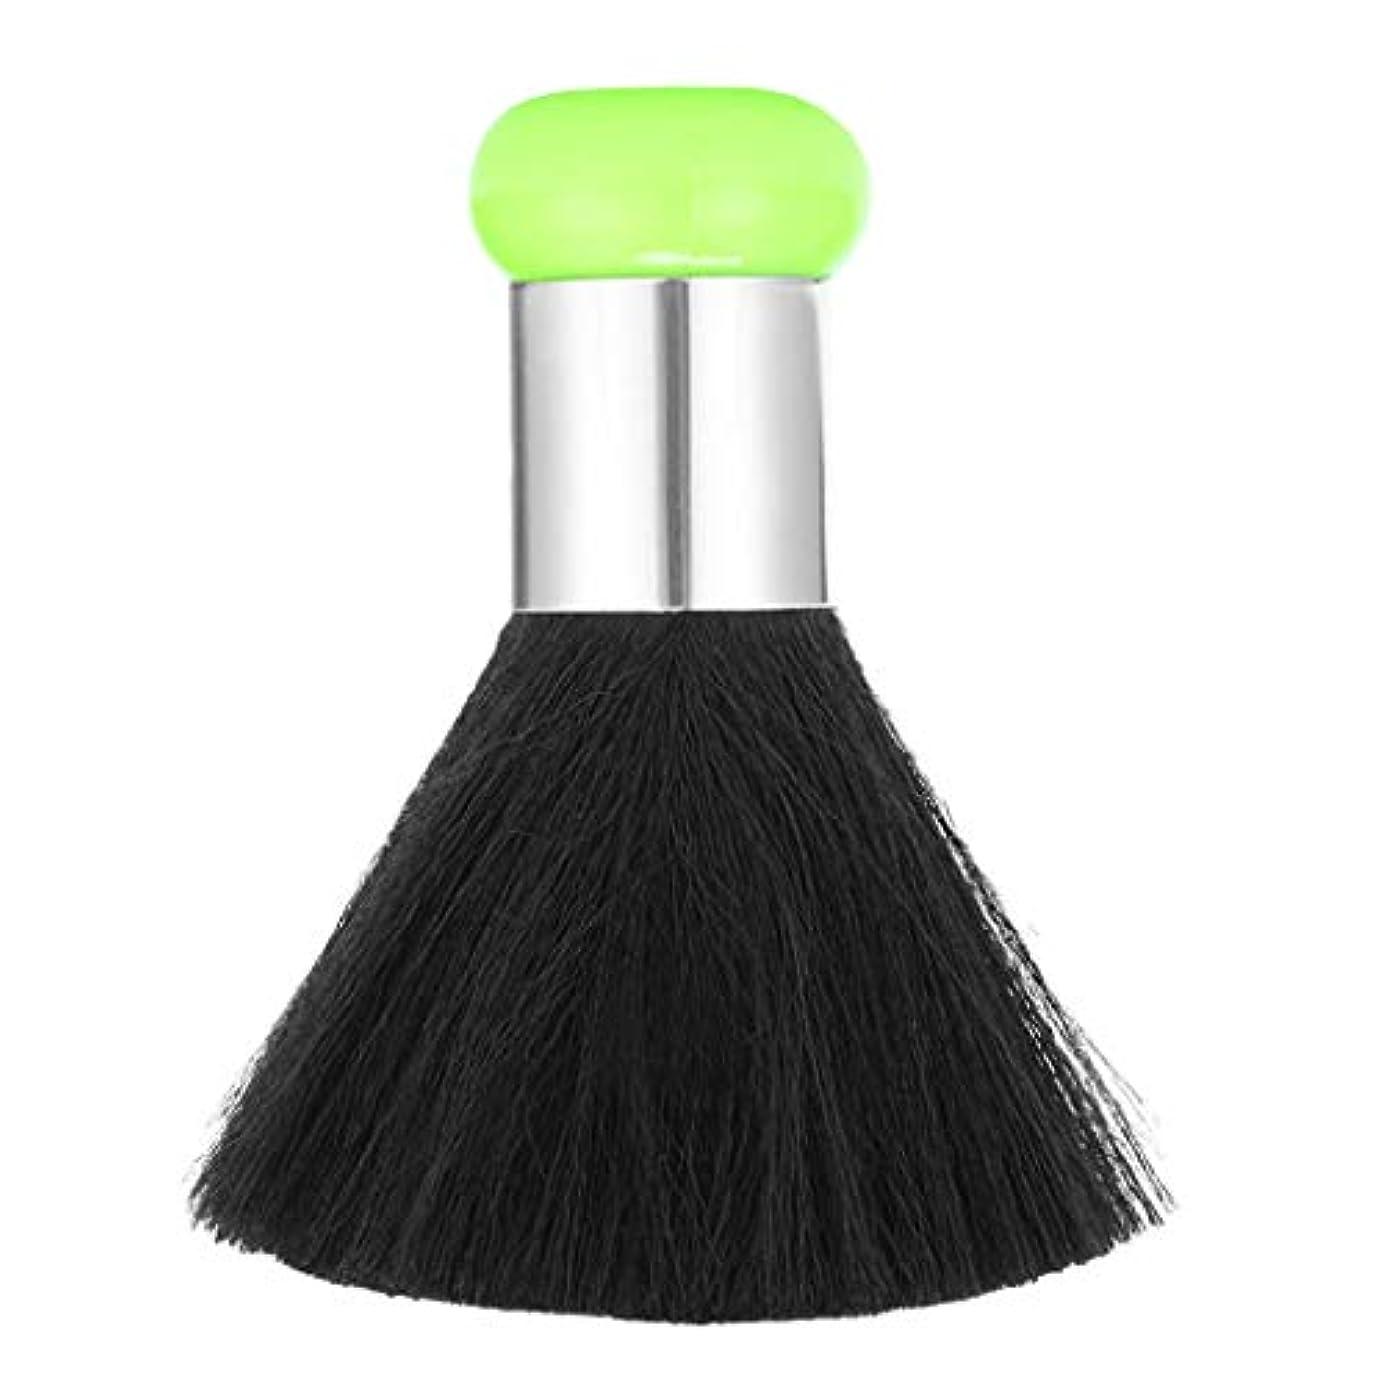 大洪水かける代わってP Prettyia ネックダスターブラシ ヘアカット 快適 美容師向け サロン 2色選べ - 緑